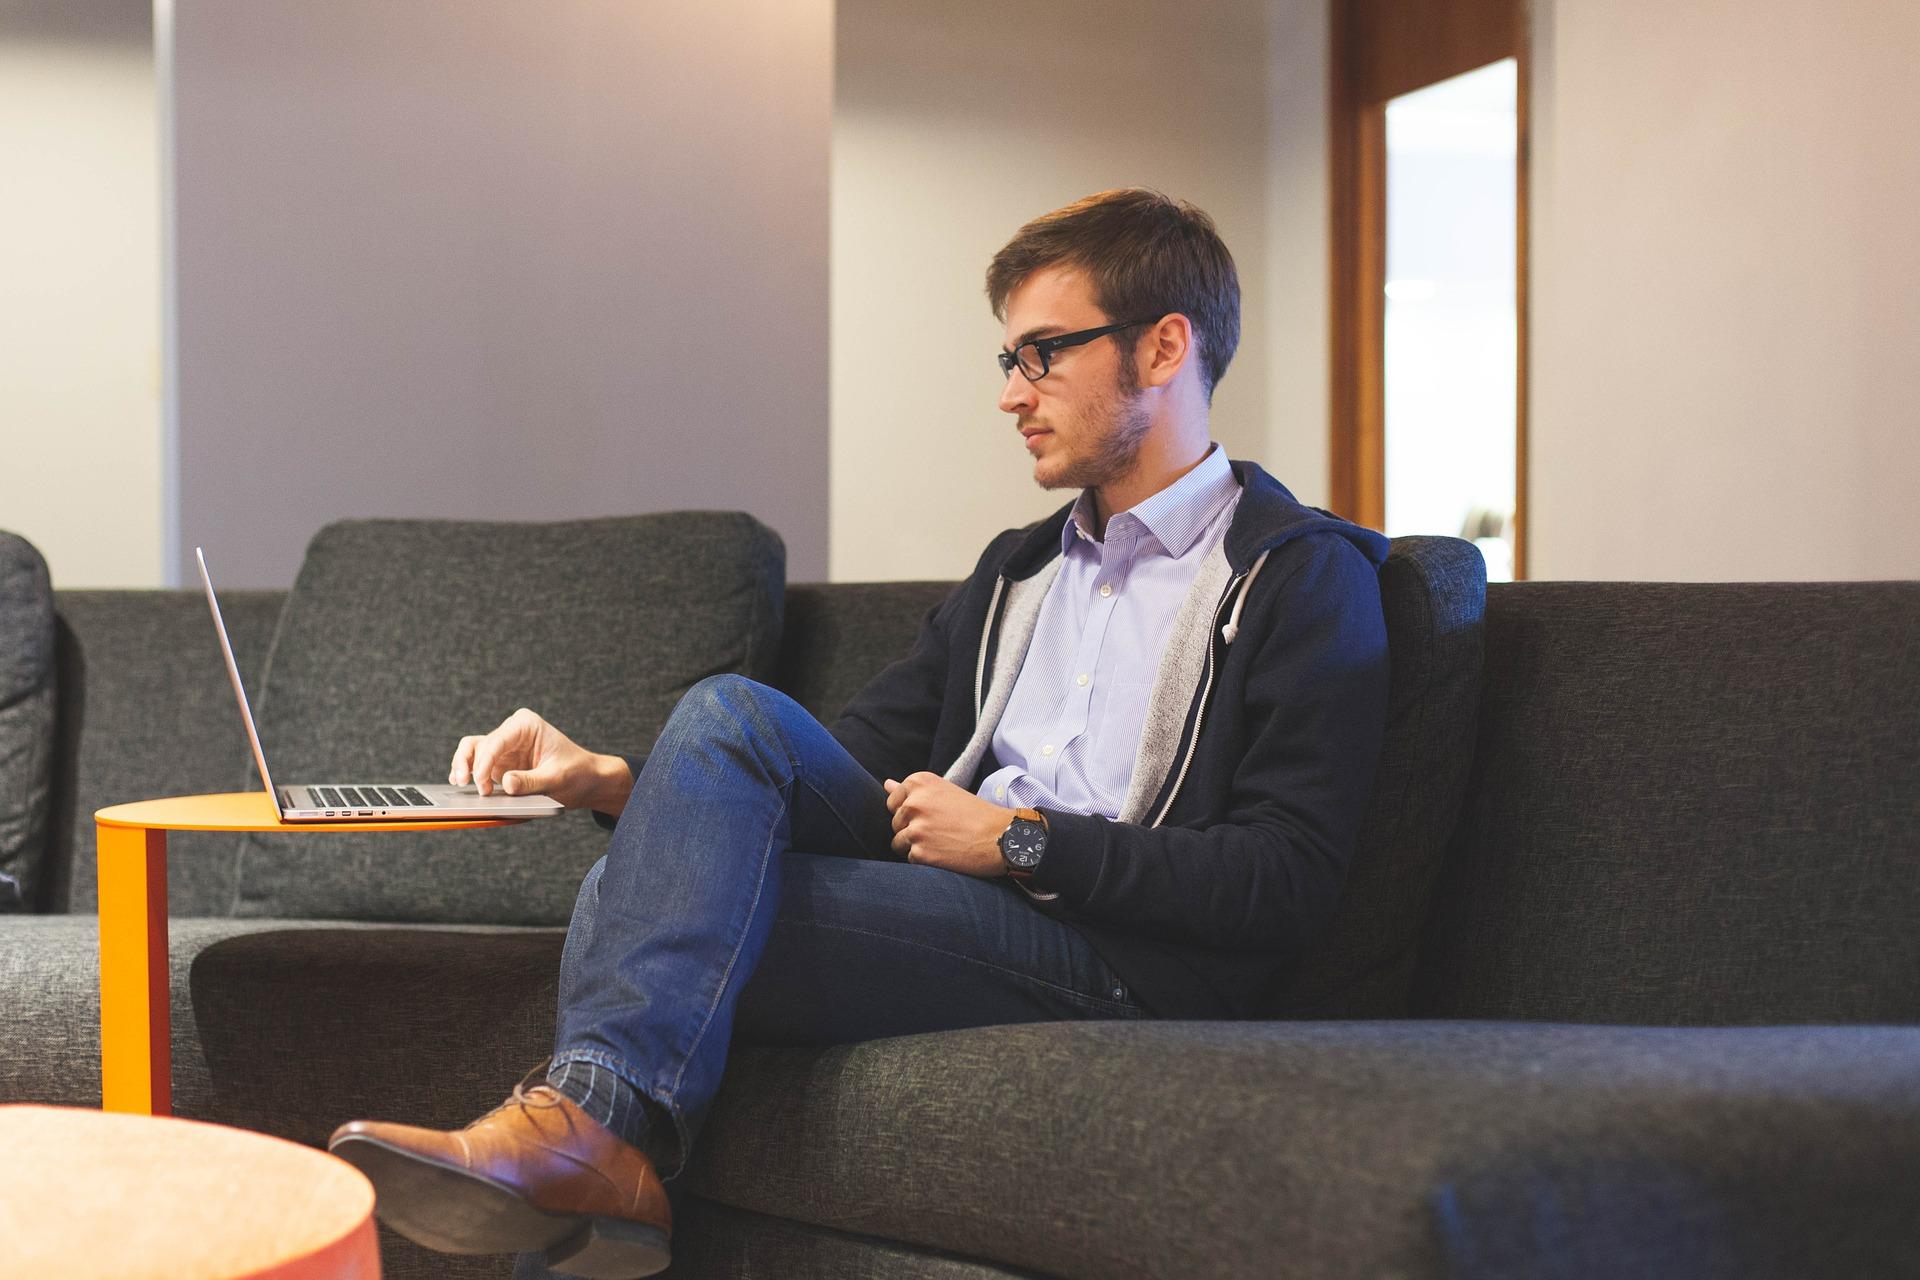 Nepravilno sedenje za radnim stolom